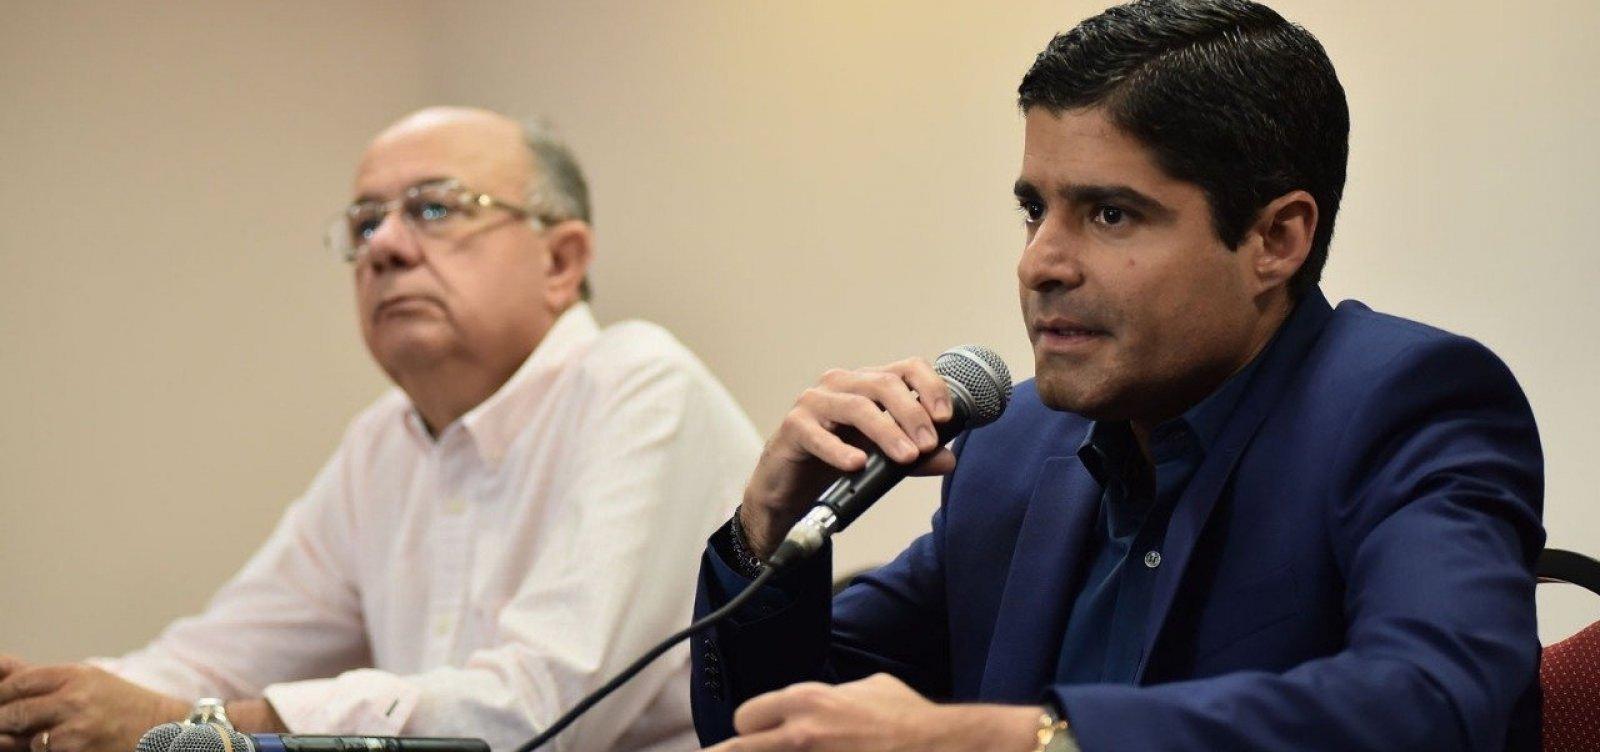 Mesmo com apoio de Neto a Bolsonaro, Haddad vence eleição em Salvador